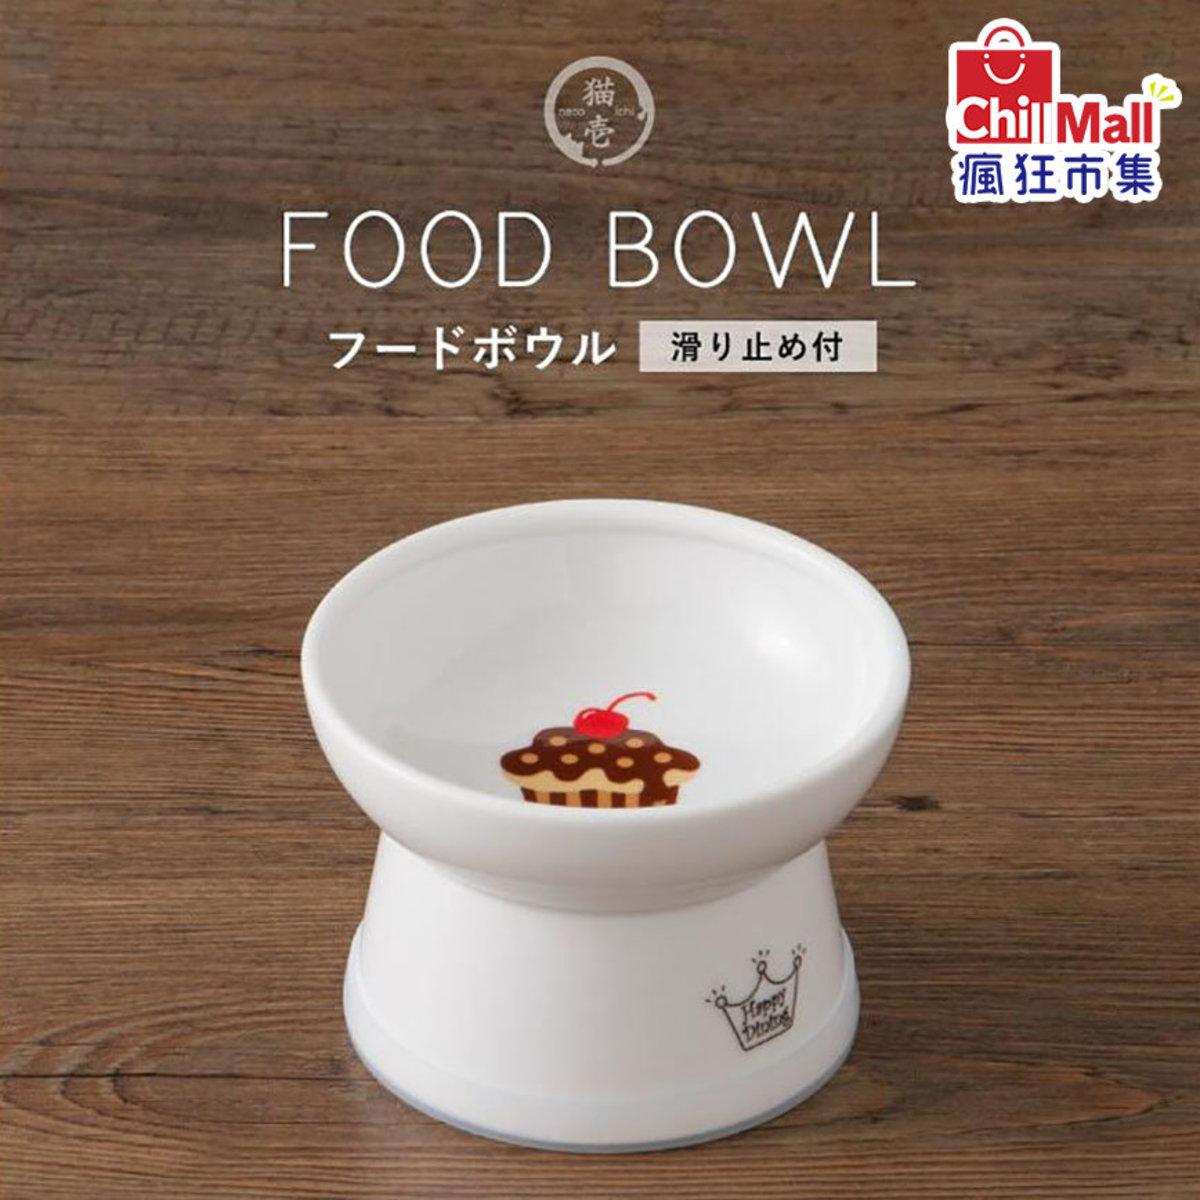 日本猫壱 necoichi ペット 陶瓷高腳寵物糧食碗 (蛋糕款) (貓犬用) (1864708)